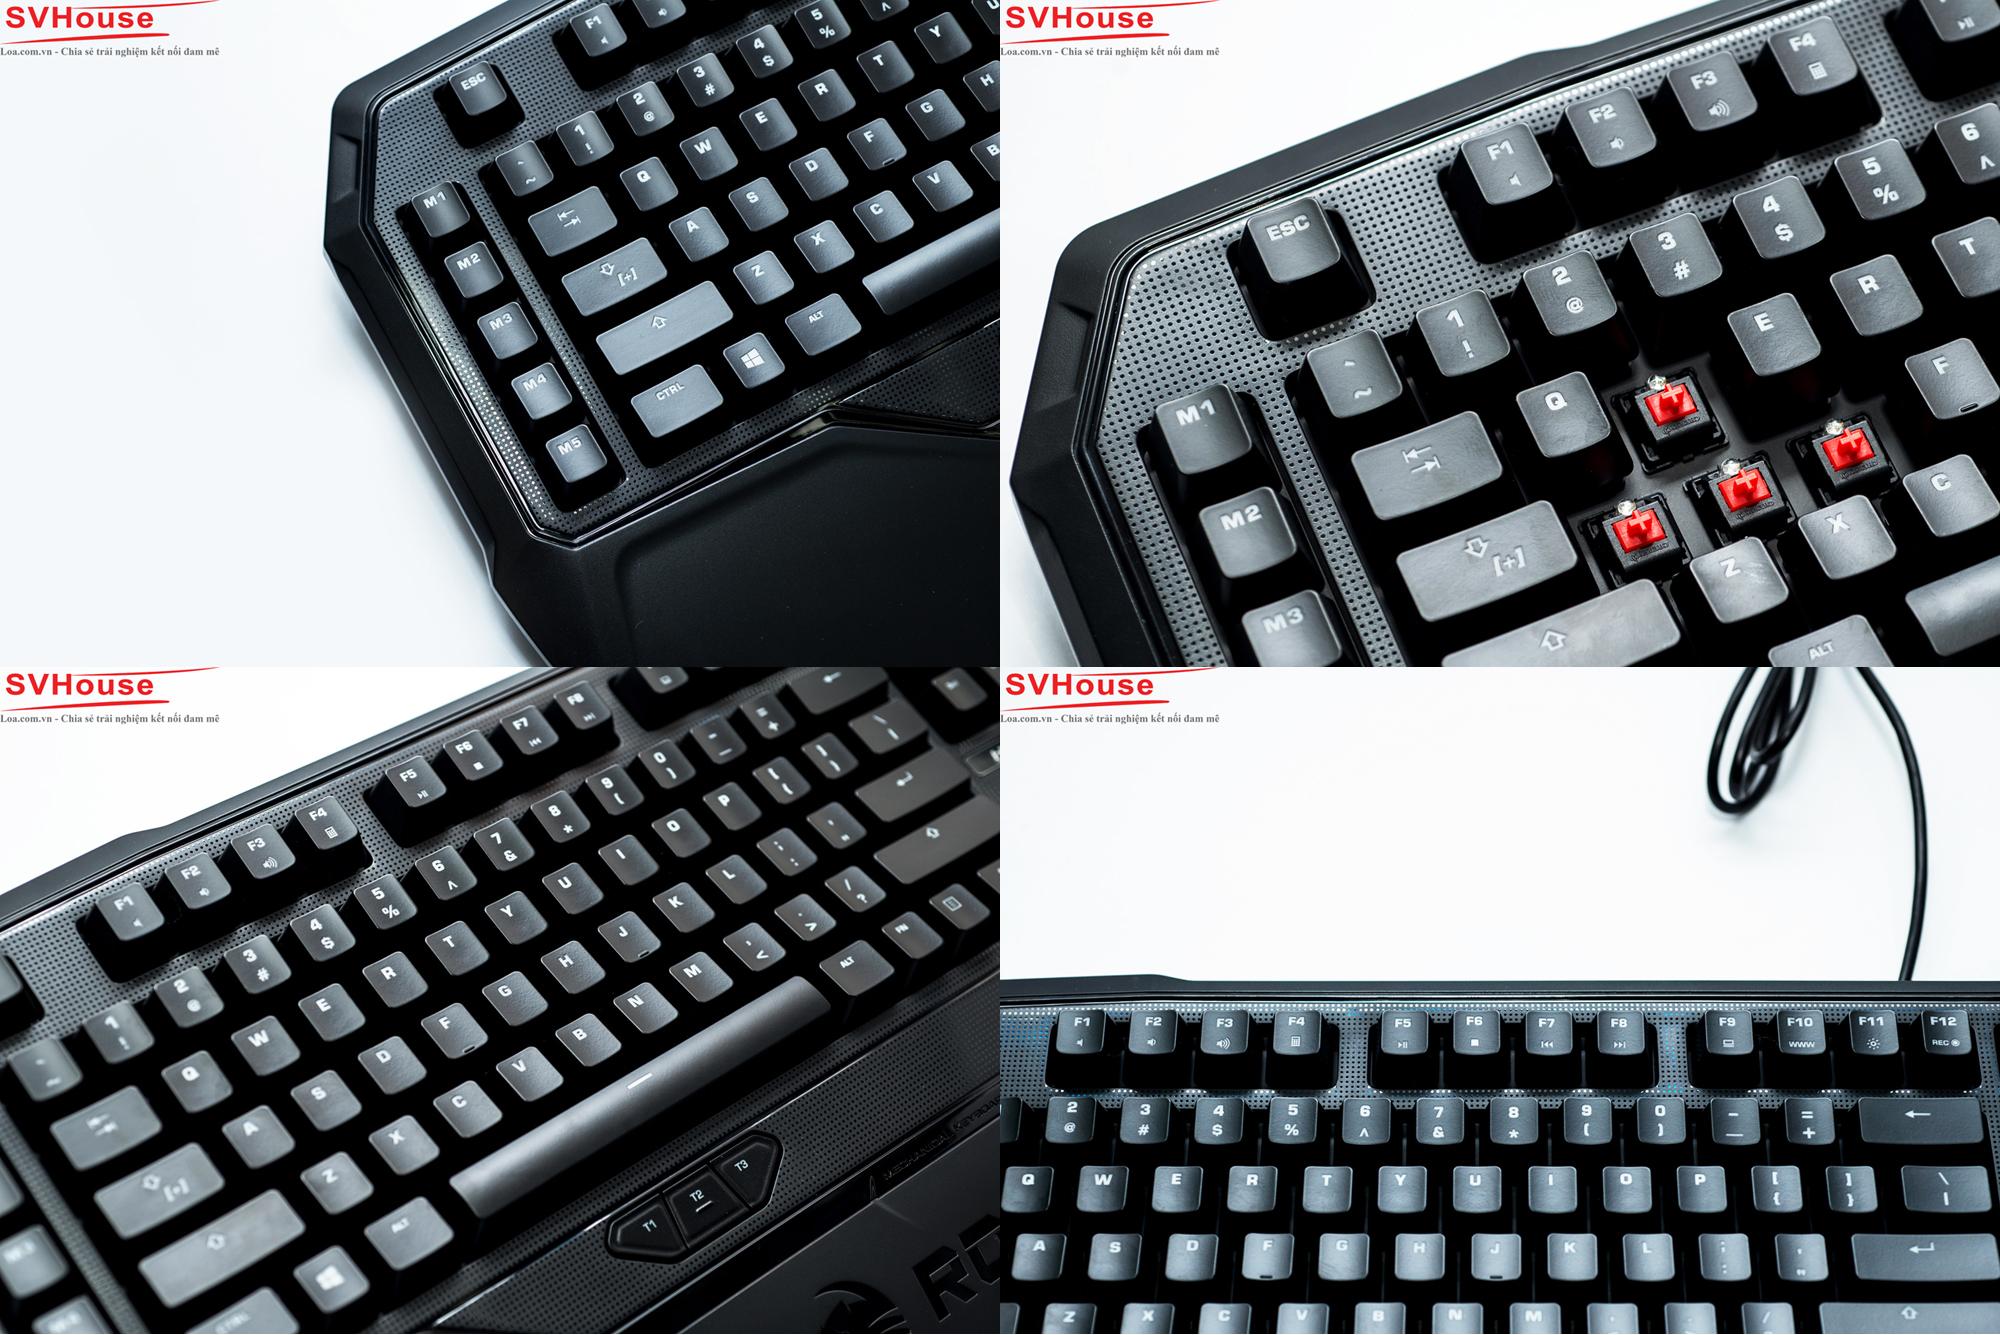 Toàn bộ Keycaps trên dòng Ryos MK đều được làm từ nhựa ABS cao cấp với các ký tự được khắc laser giúp xuyên led khá tốt cũng như đảm bảo sự bền bỉ sau nhiều năm sử dụng. Trừ cụm 3 phím Thumbster, tất cả các phím bấm trên Ryos MK Glow đều sử dụng công tắc cơ học của hãng Cherry, thương hiệu về Switch đã quá nổi tiếng của Đức. Trong bài này chiếc bàn phím của tôi sử dụng Cherry Red Switch, là switch dạng linear có lực ấn cực nhẹ, tạo độ thoải mái nhất định khi thao tác trong game cũng như typing. Toàn bộ dòng phím cơ của Roccat sử dụng Cherry Stabilizers, độ bền cao và giúp việc tháo keycaps cũng dễ dàng hơn. Không thể không nhắc đến là mỗi phím trên Ryos MK Glow đều được gắn 1 đèn led riêng biệt.